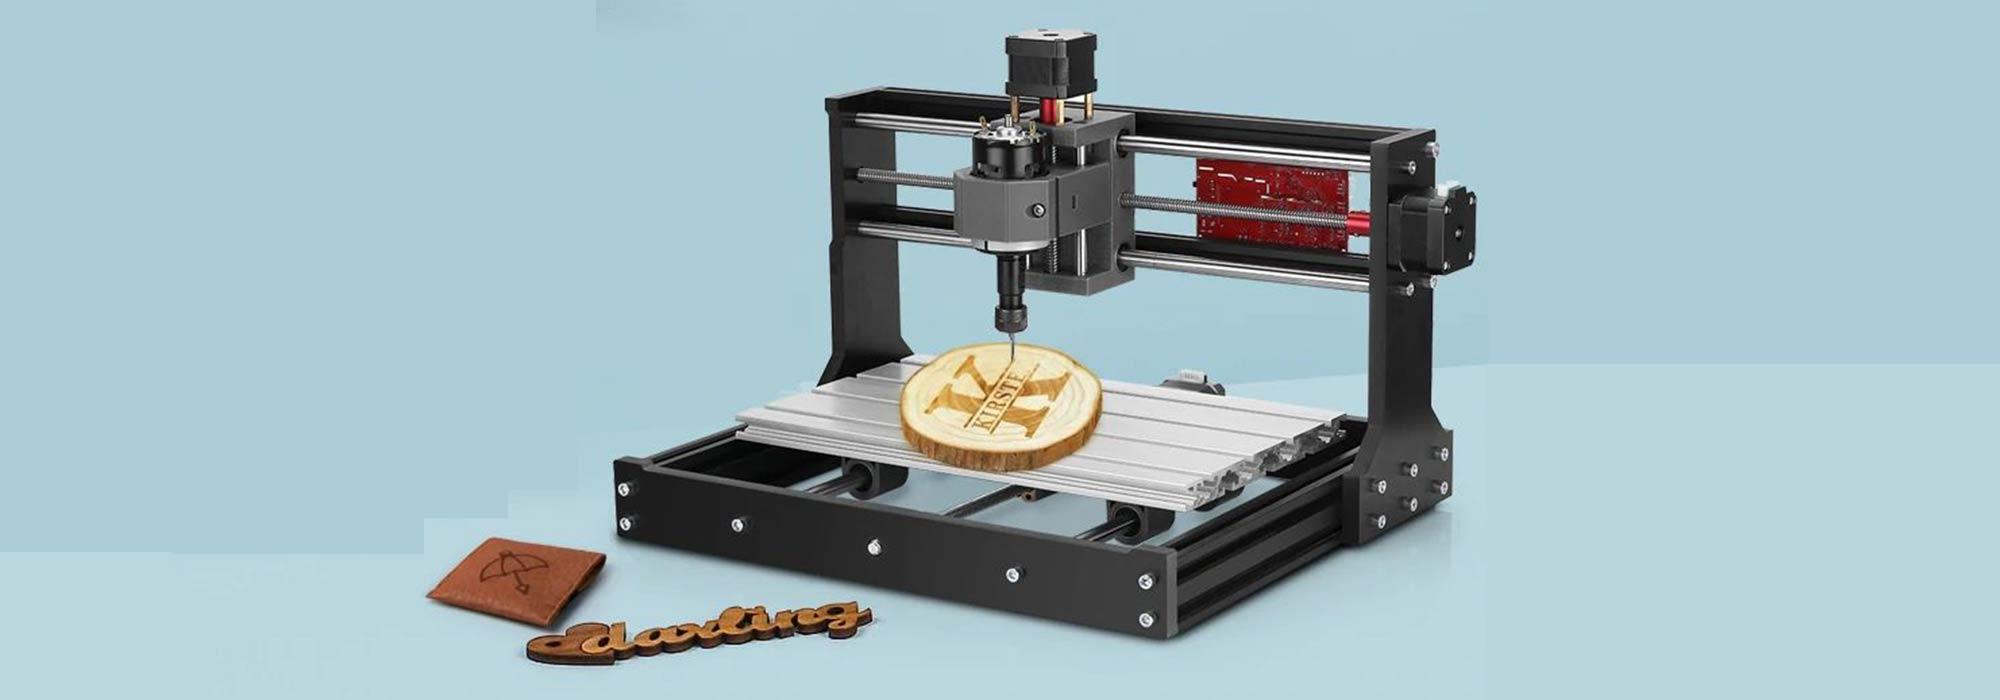 Alfawise C10 Pro: CNC Graviermaschine mit Laser-Funktion im Test